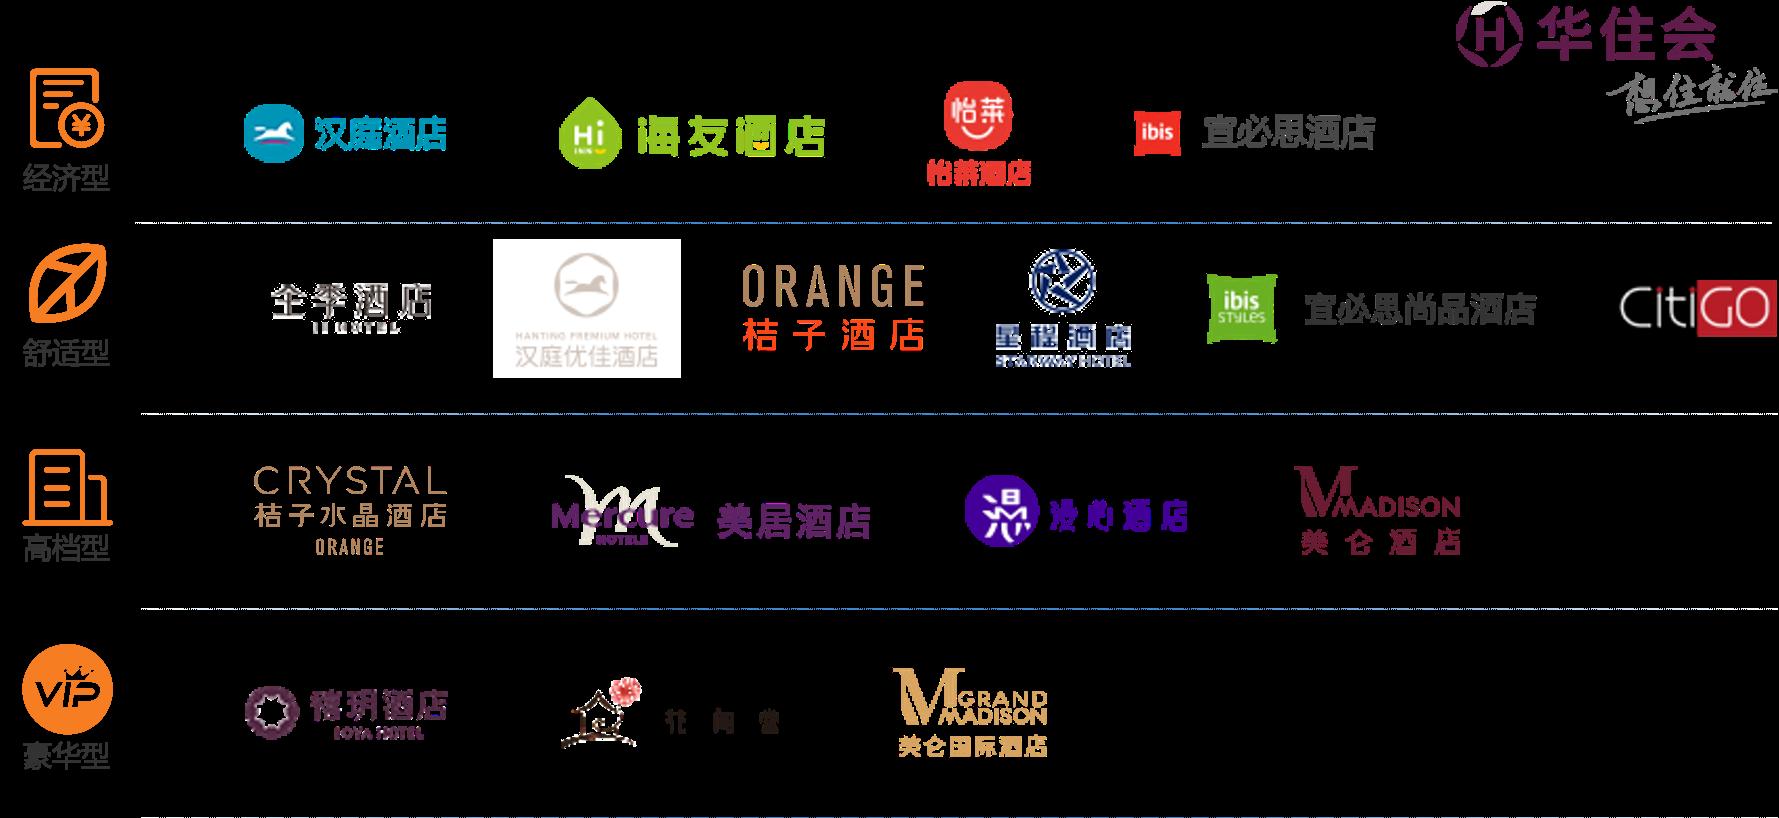 华住品牌矩阵